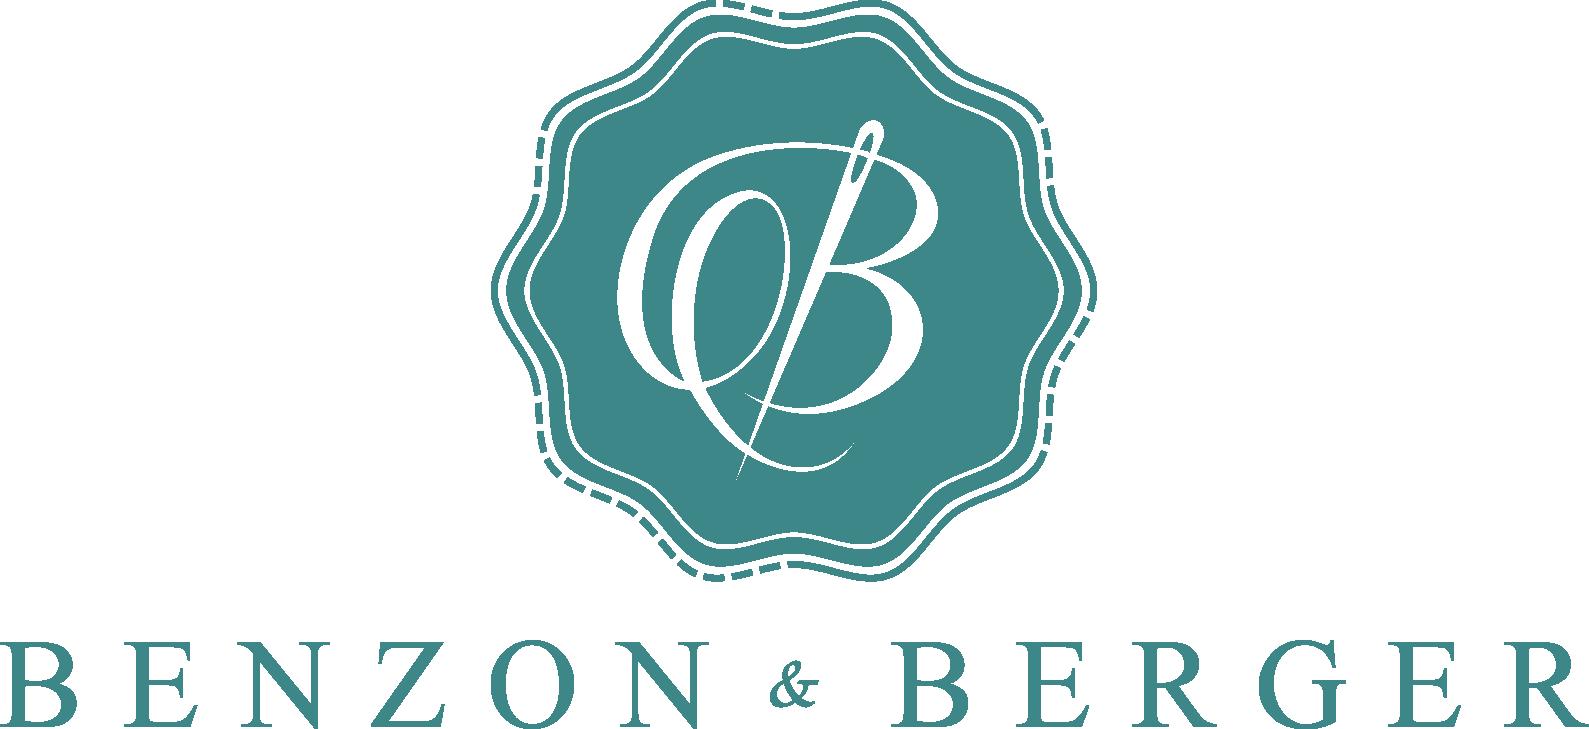 Benzon & Berger Kft.